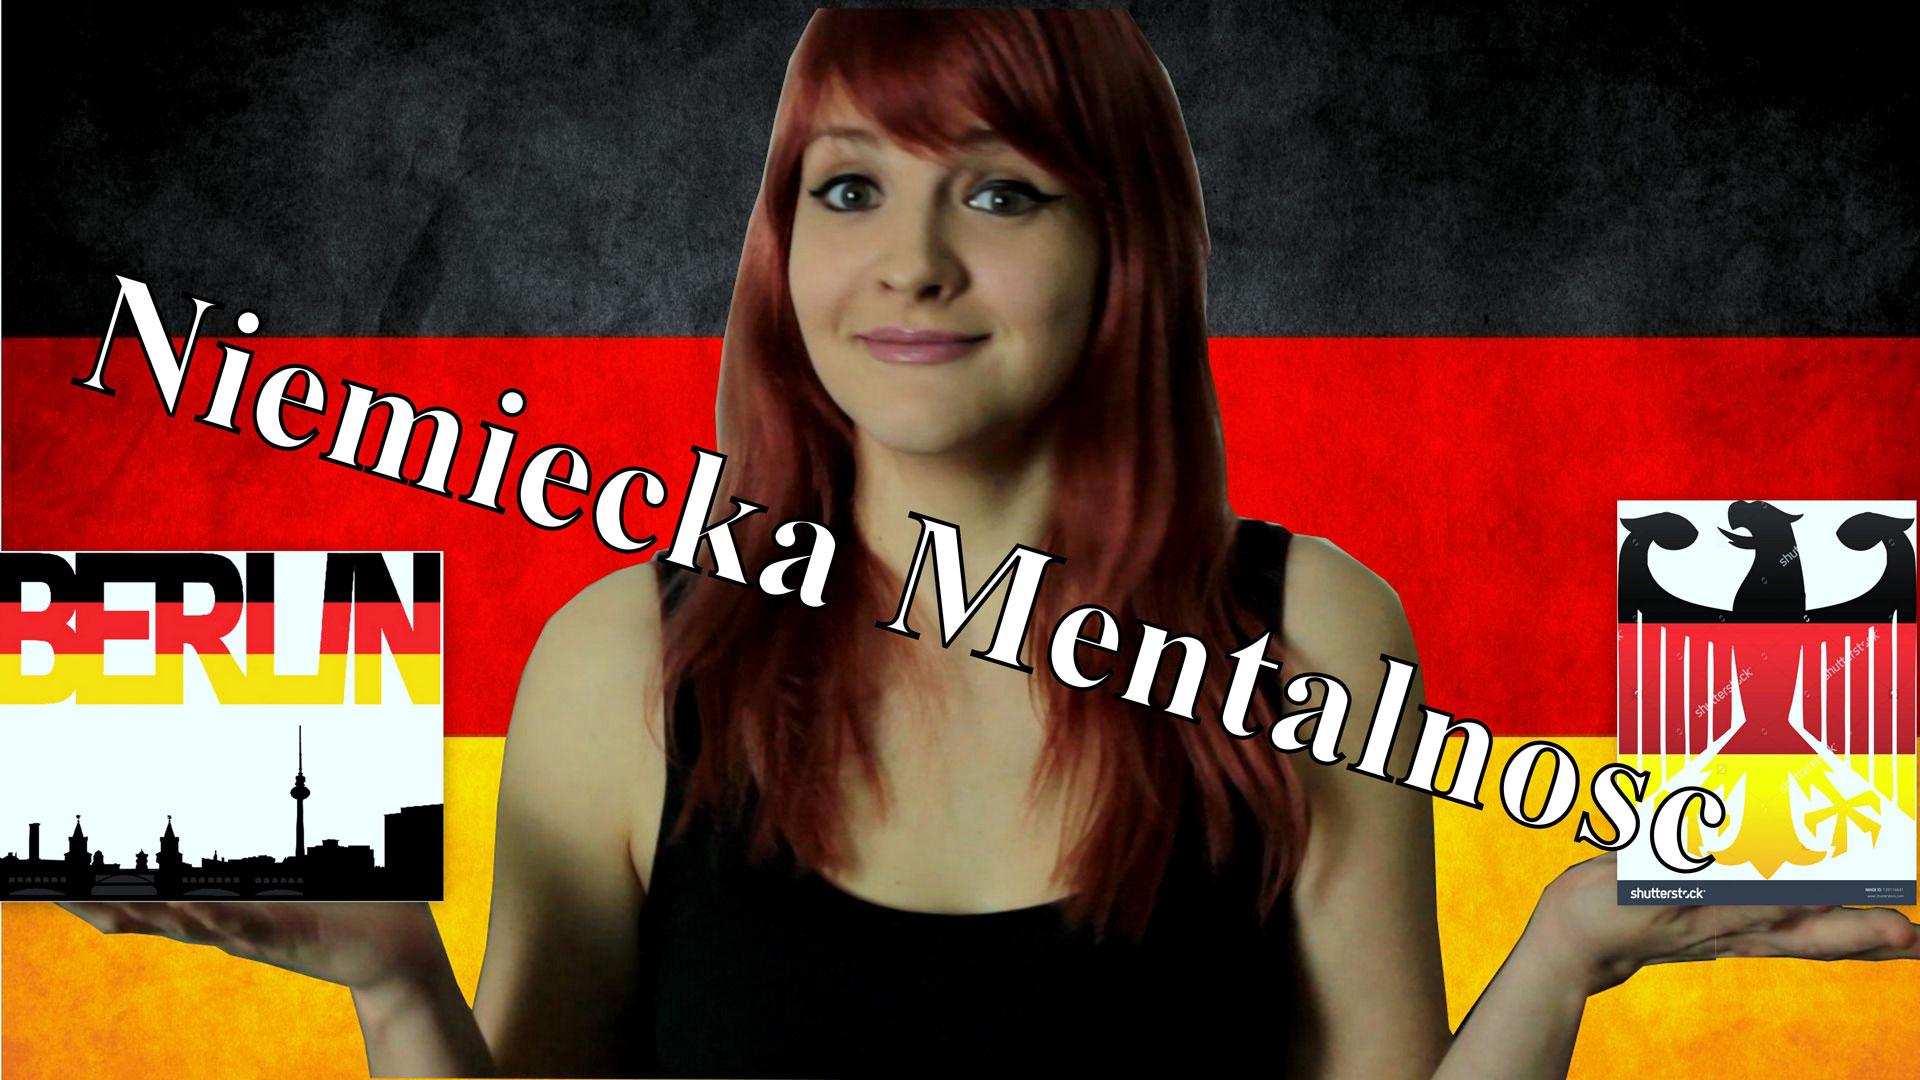 niemiecka mentalnosc